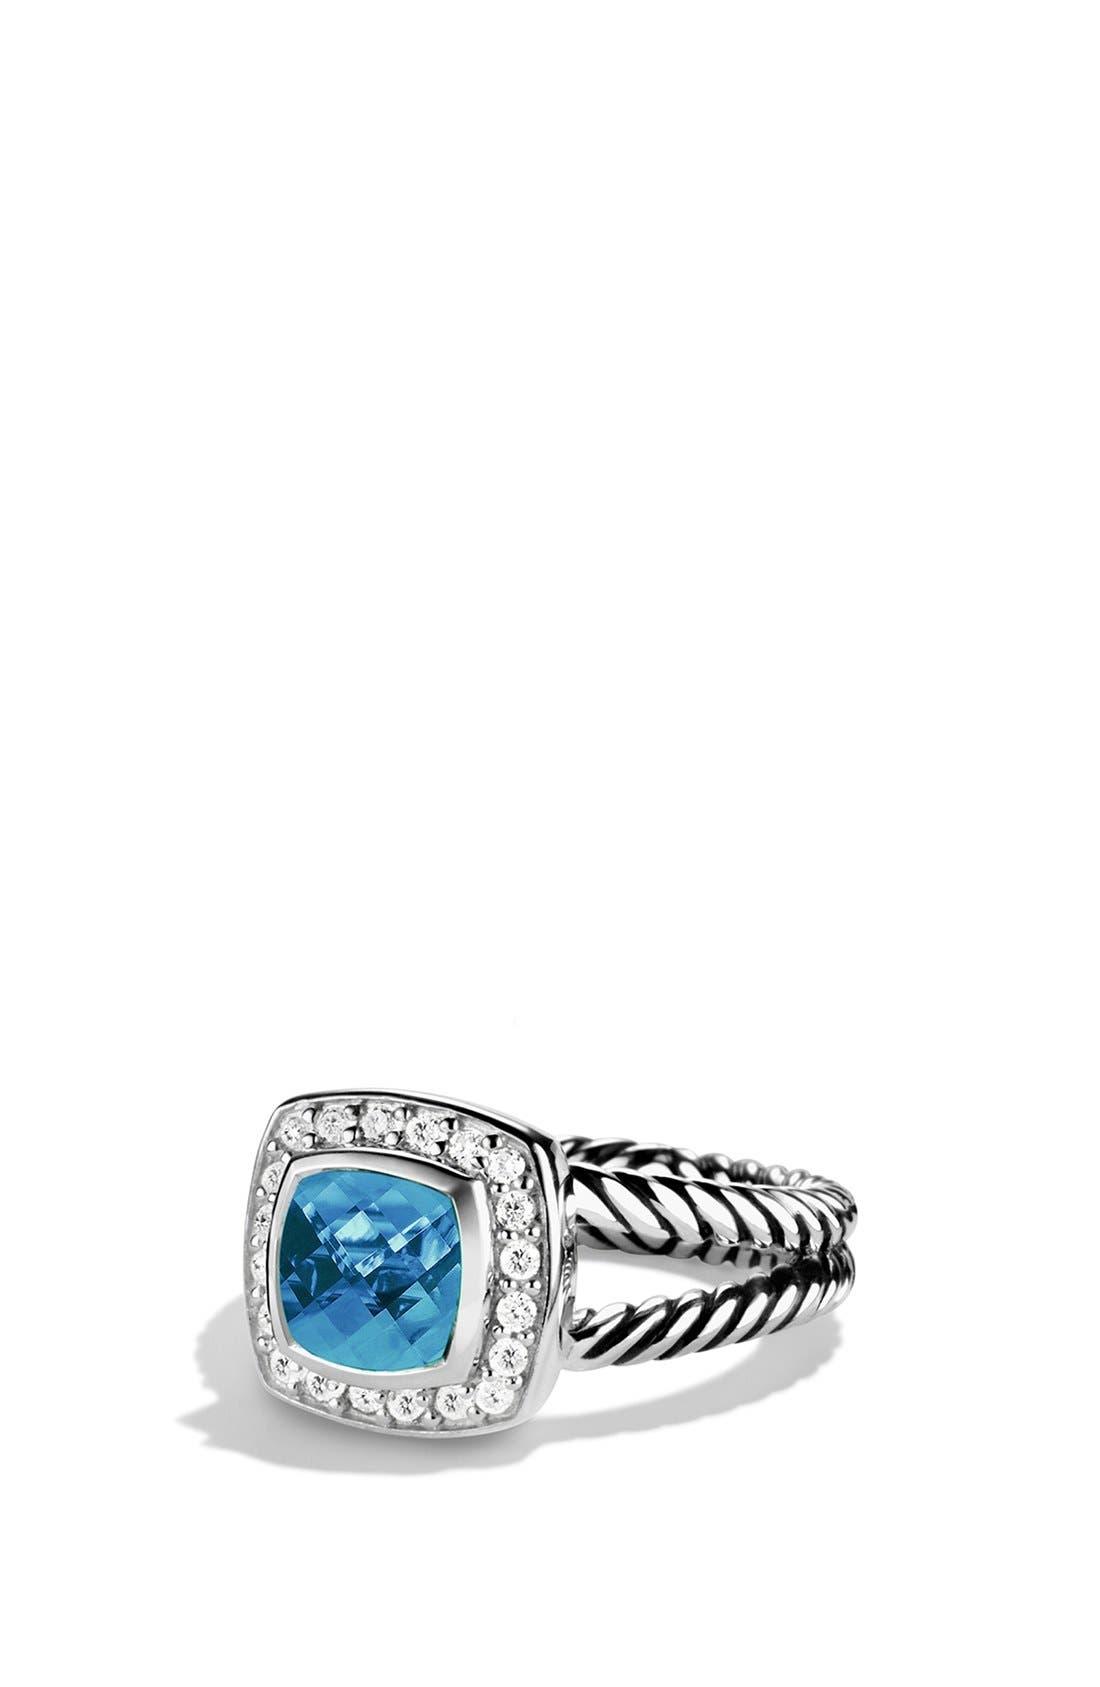 David Yurman 'Albion' Petite Ring with Semiprecious Stone & Diamonds